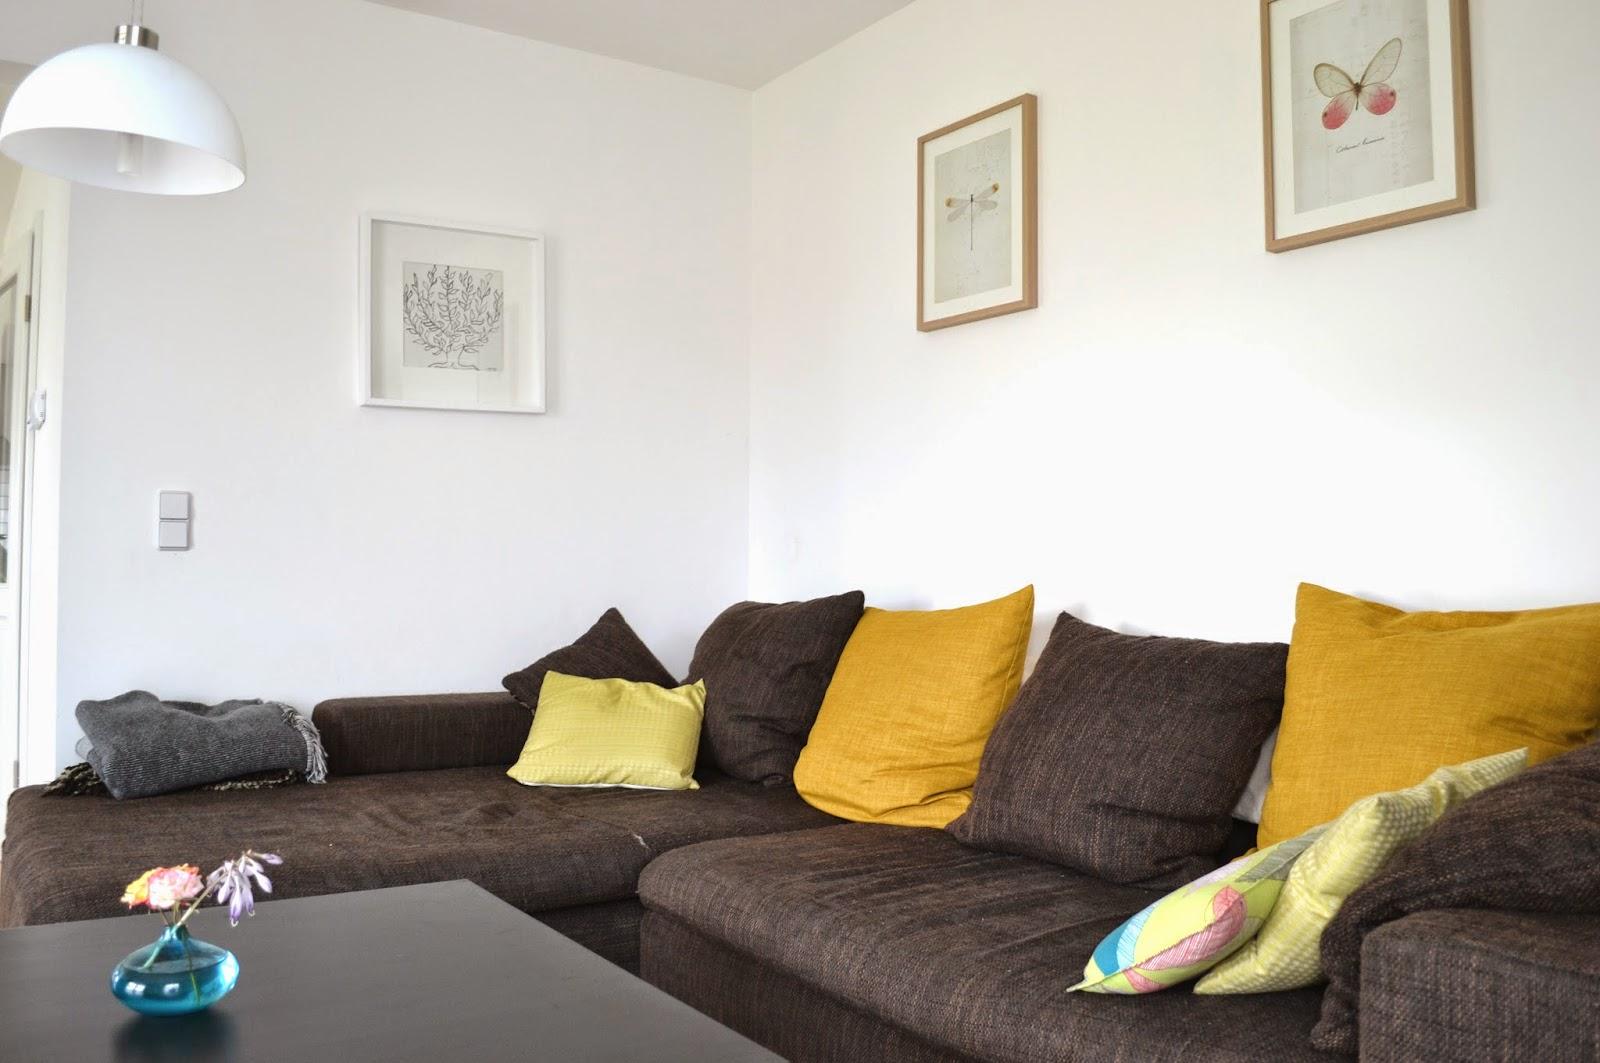 Wohnzimmer Tapete Grun   Tapete Wohnzimmer Gruen Tapeten Online Kaufen